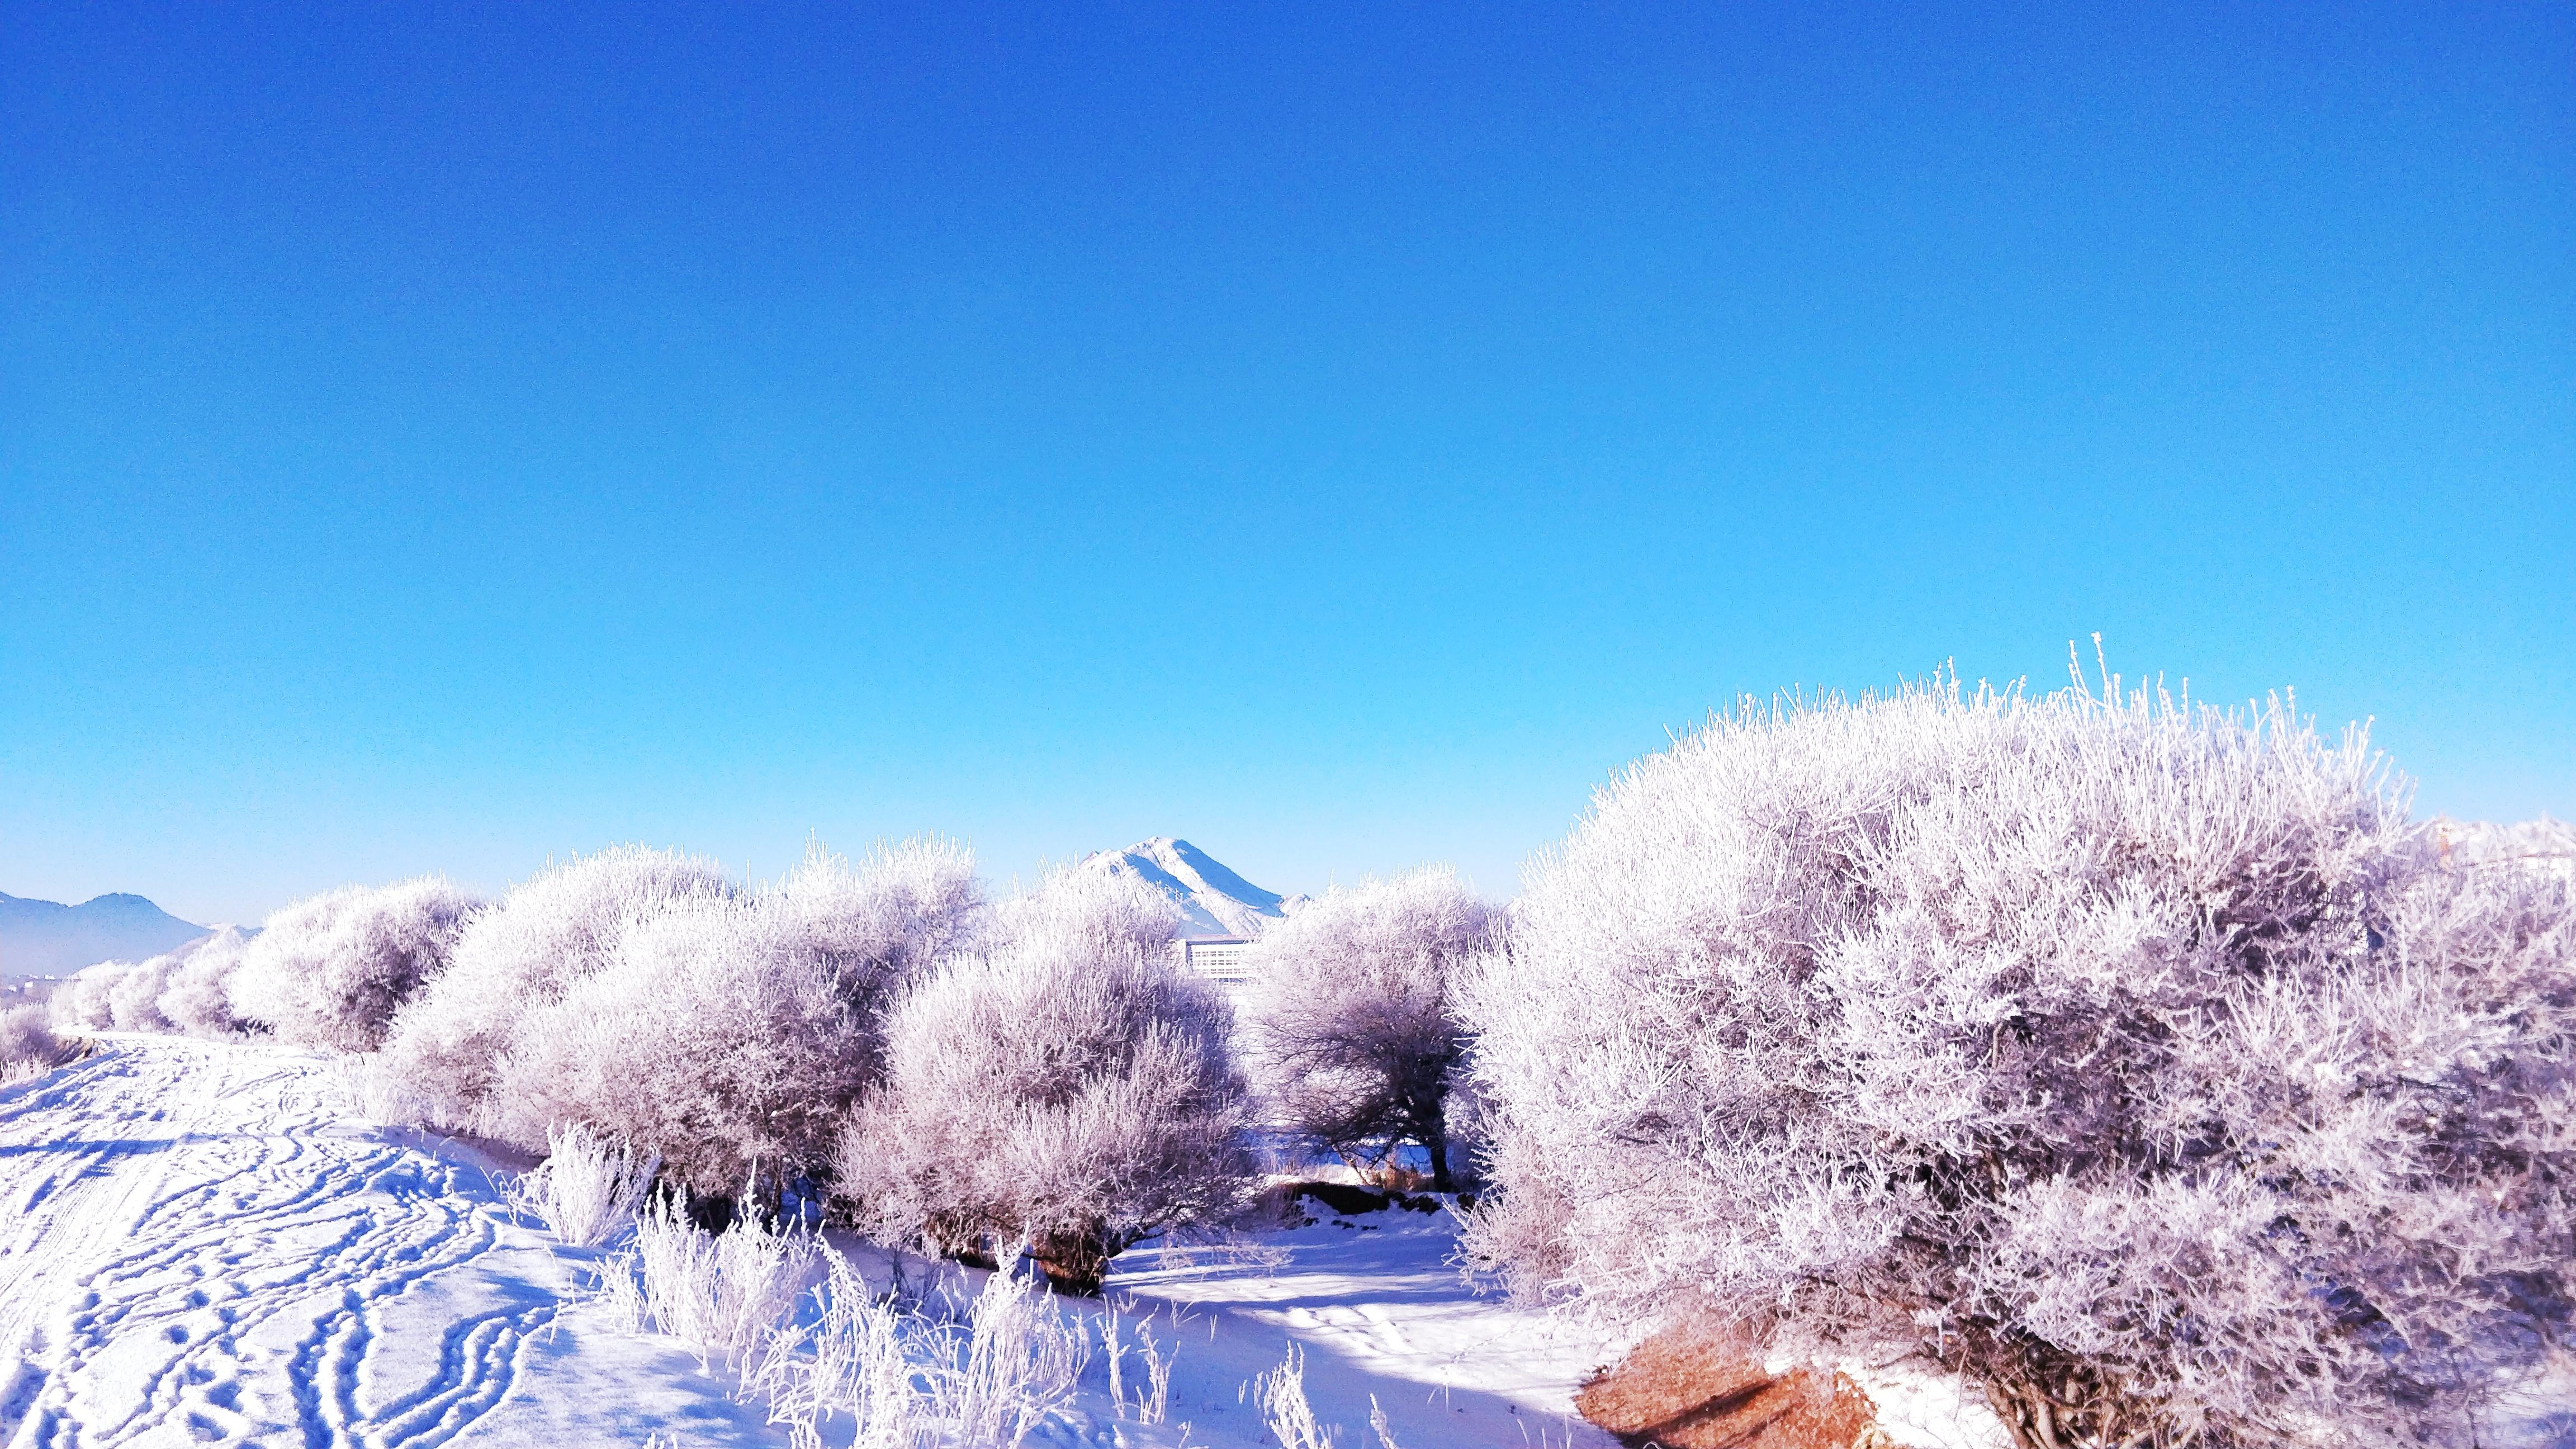 雪景46.jpg